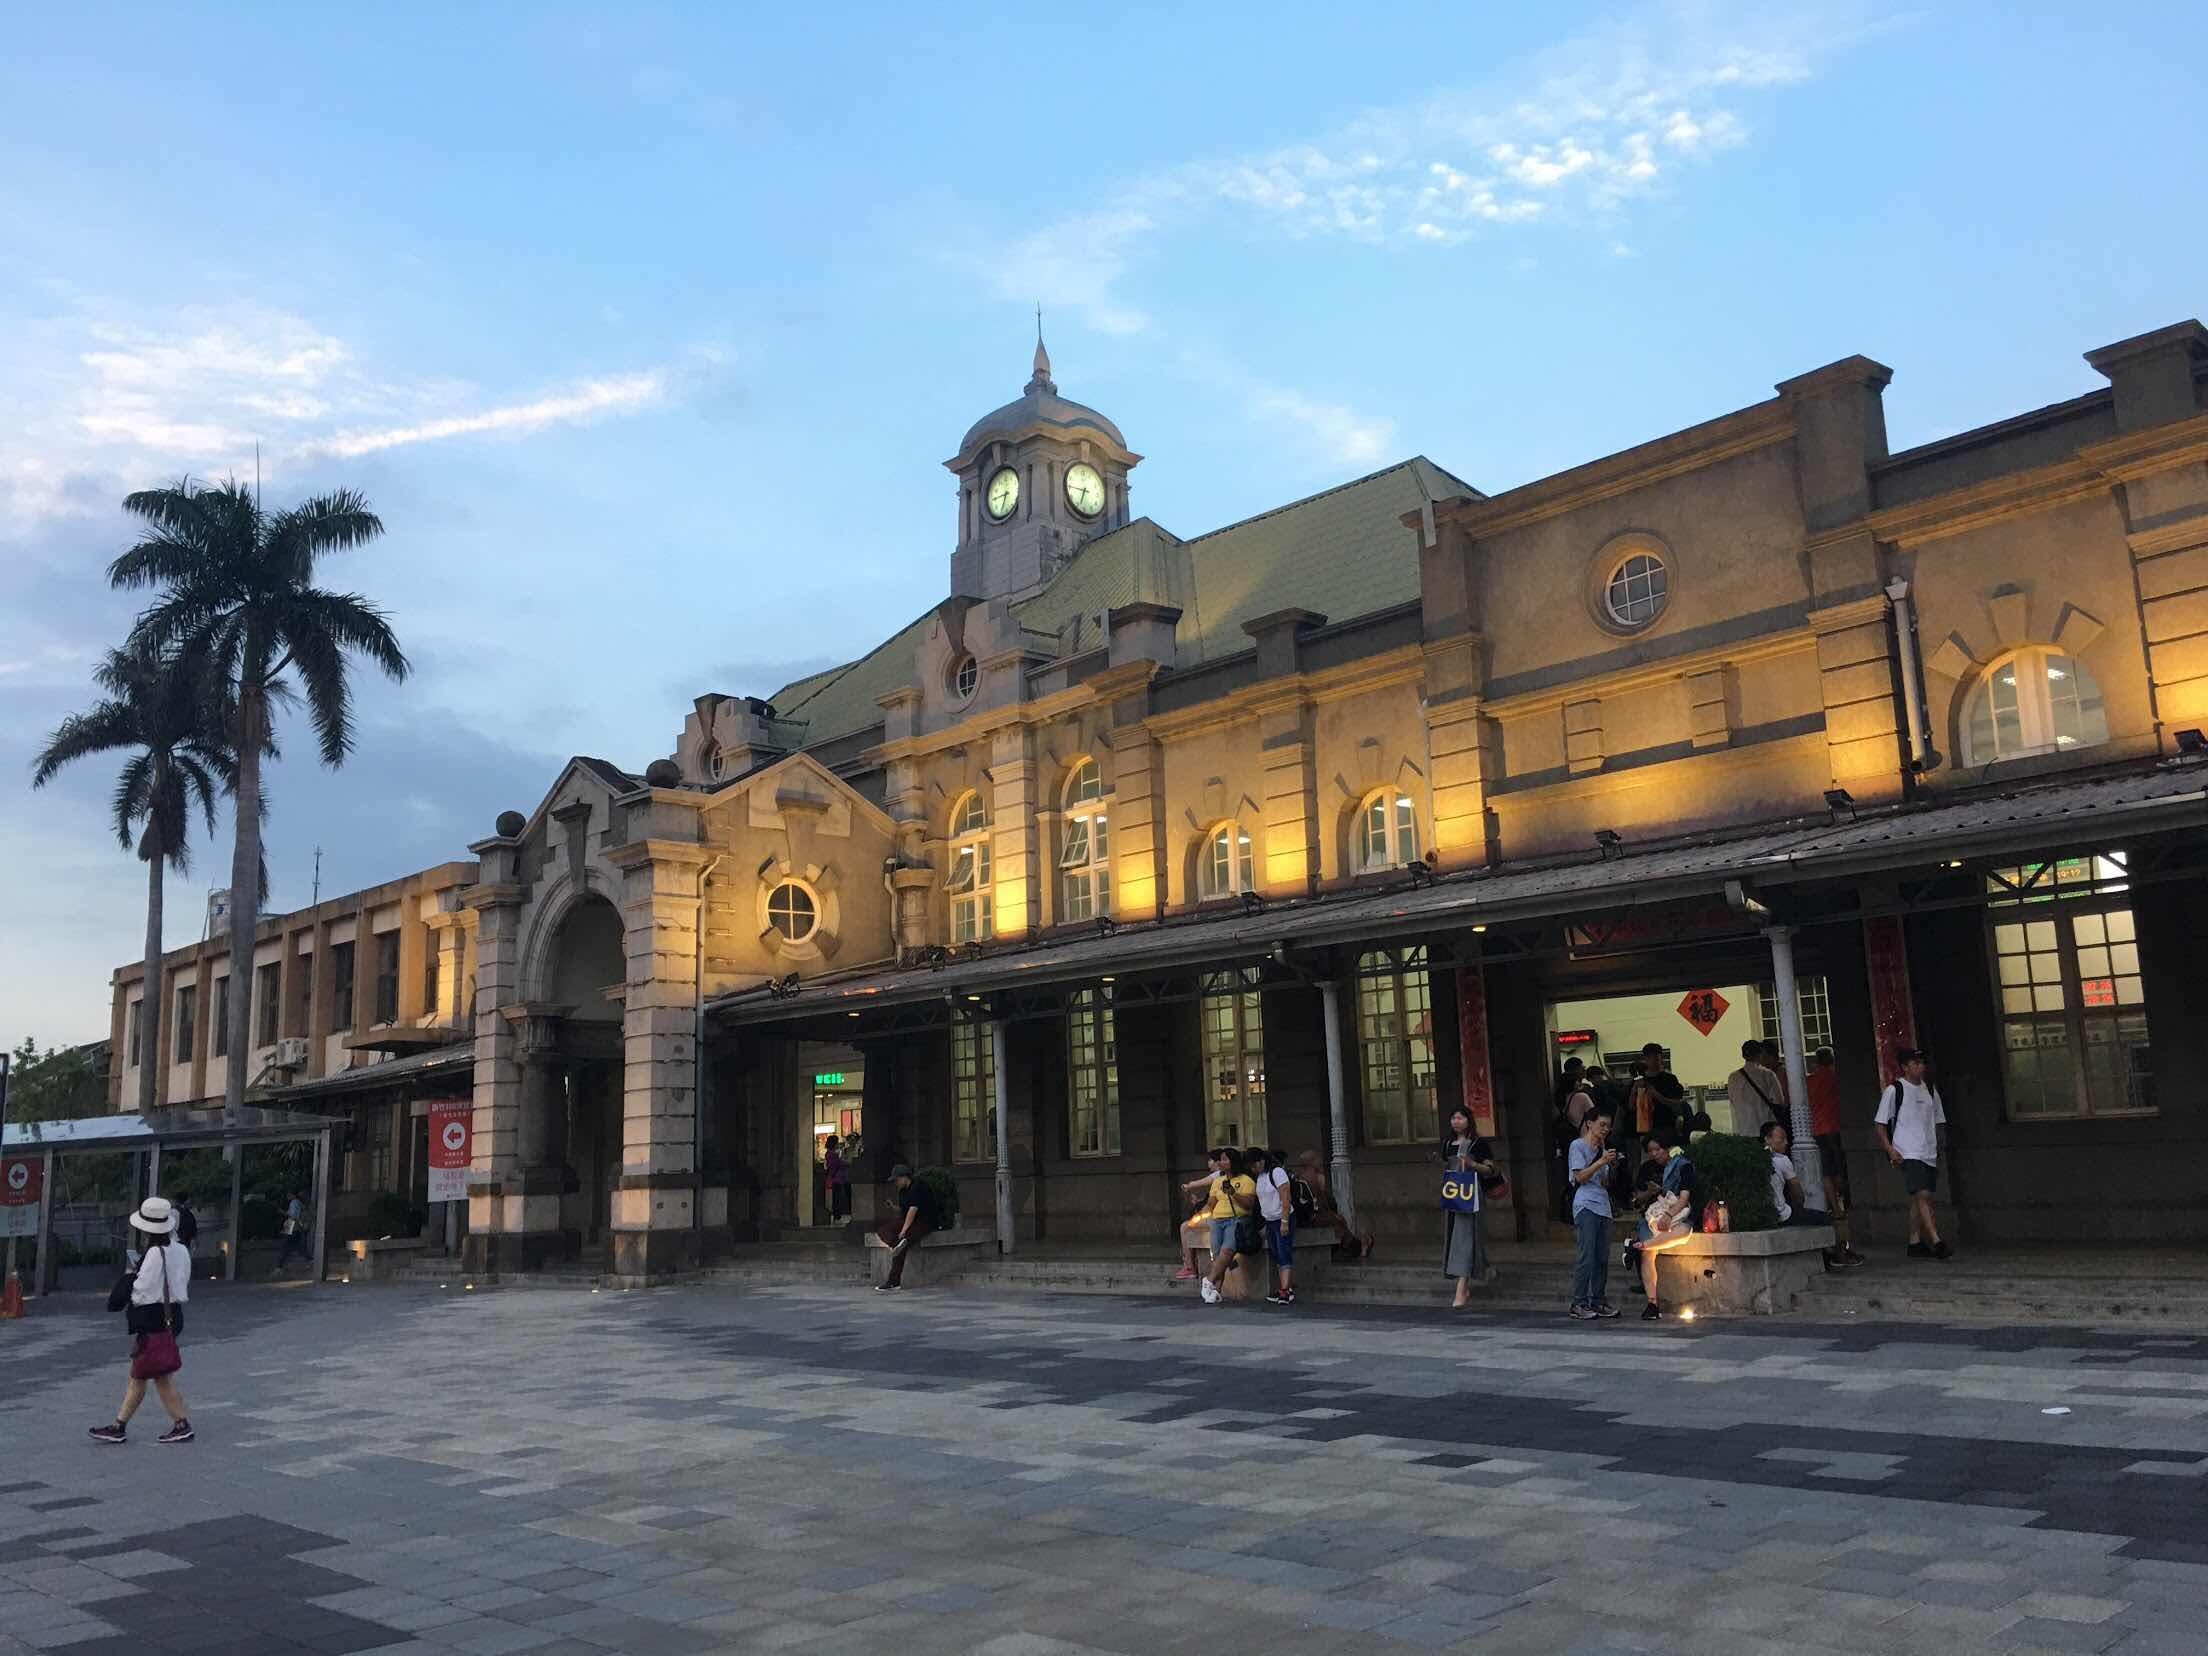 train station Hsinchu taiwan